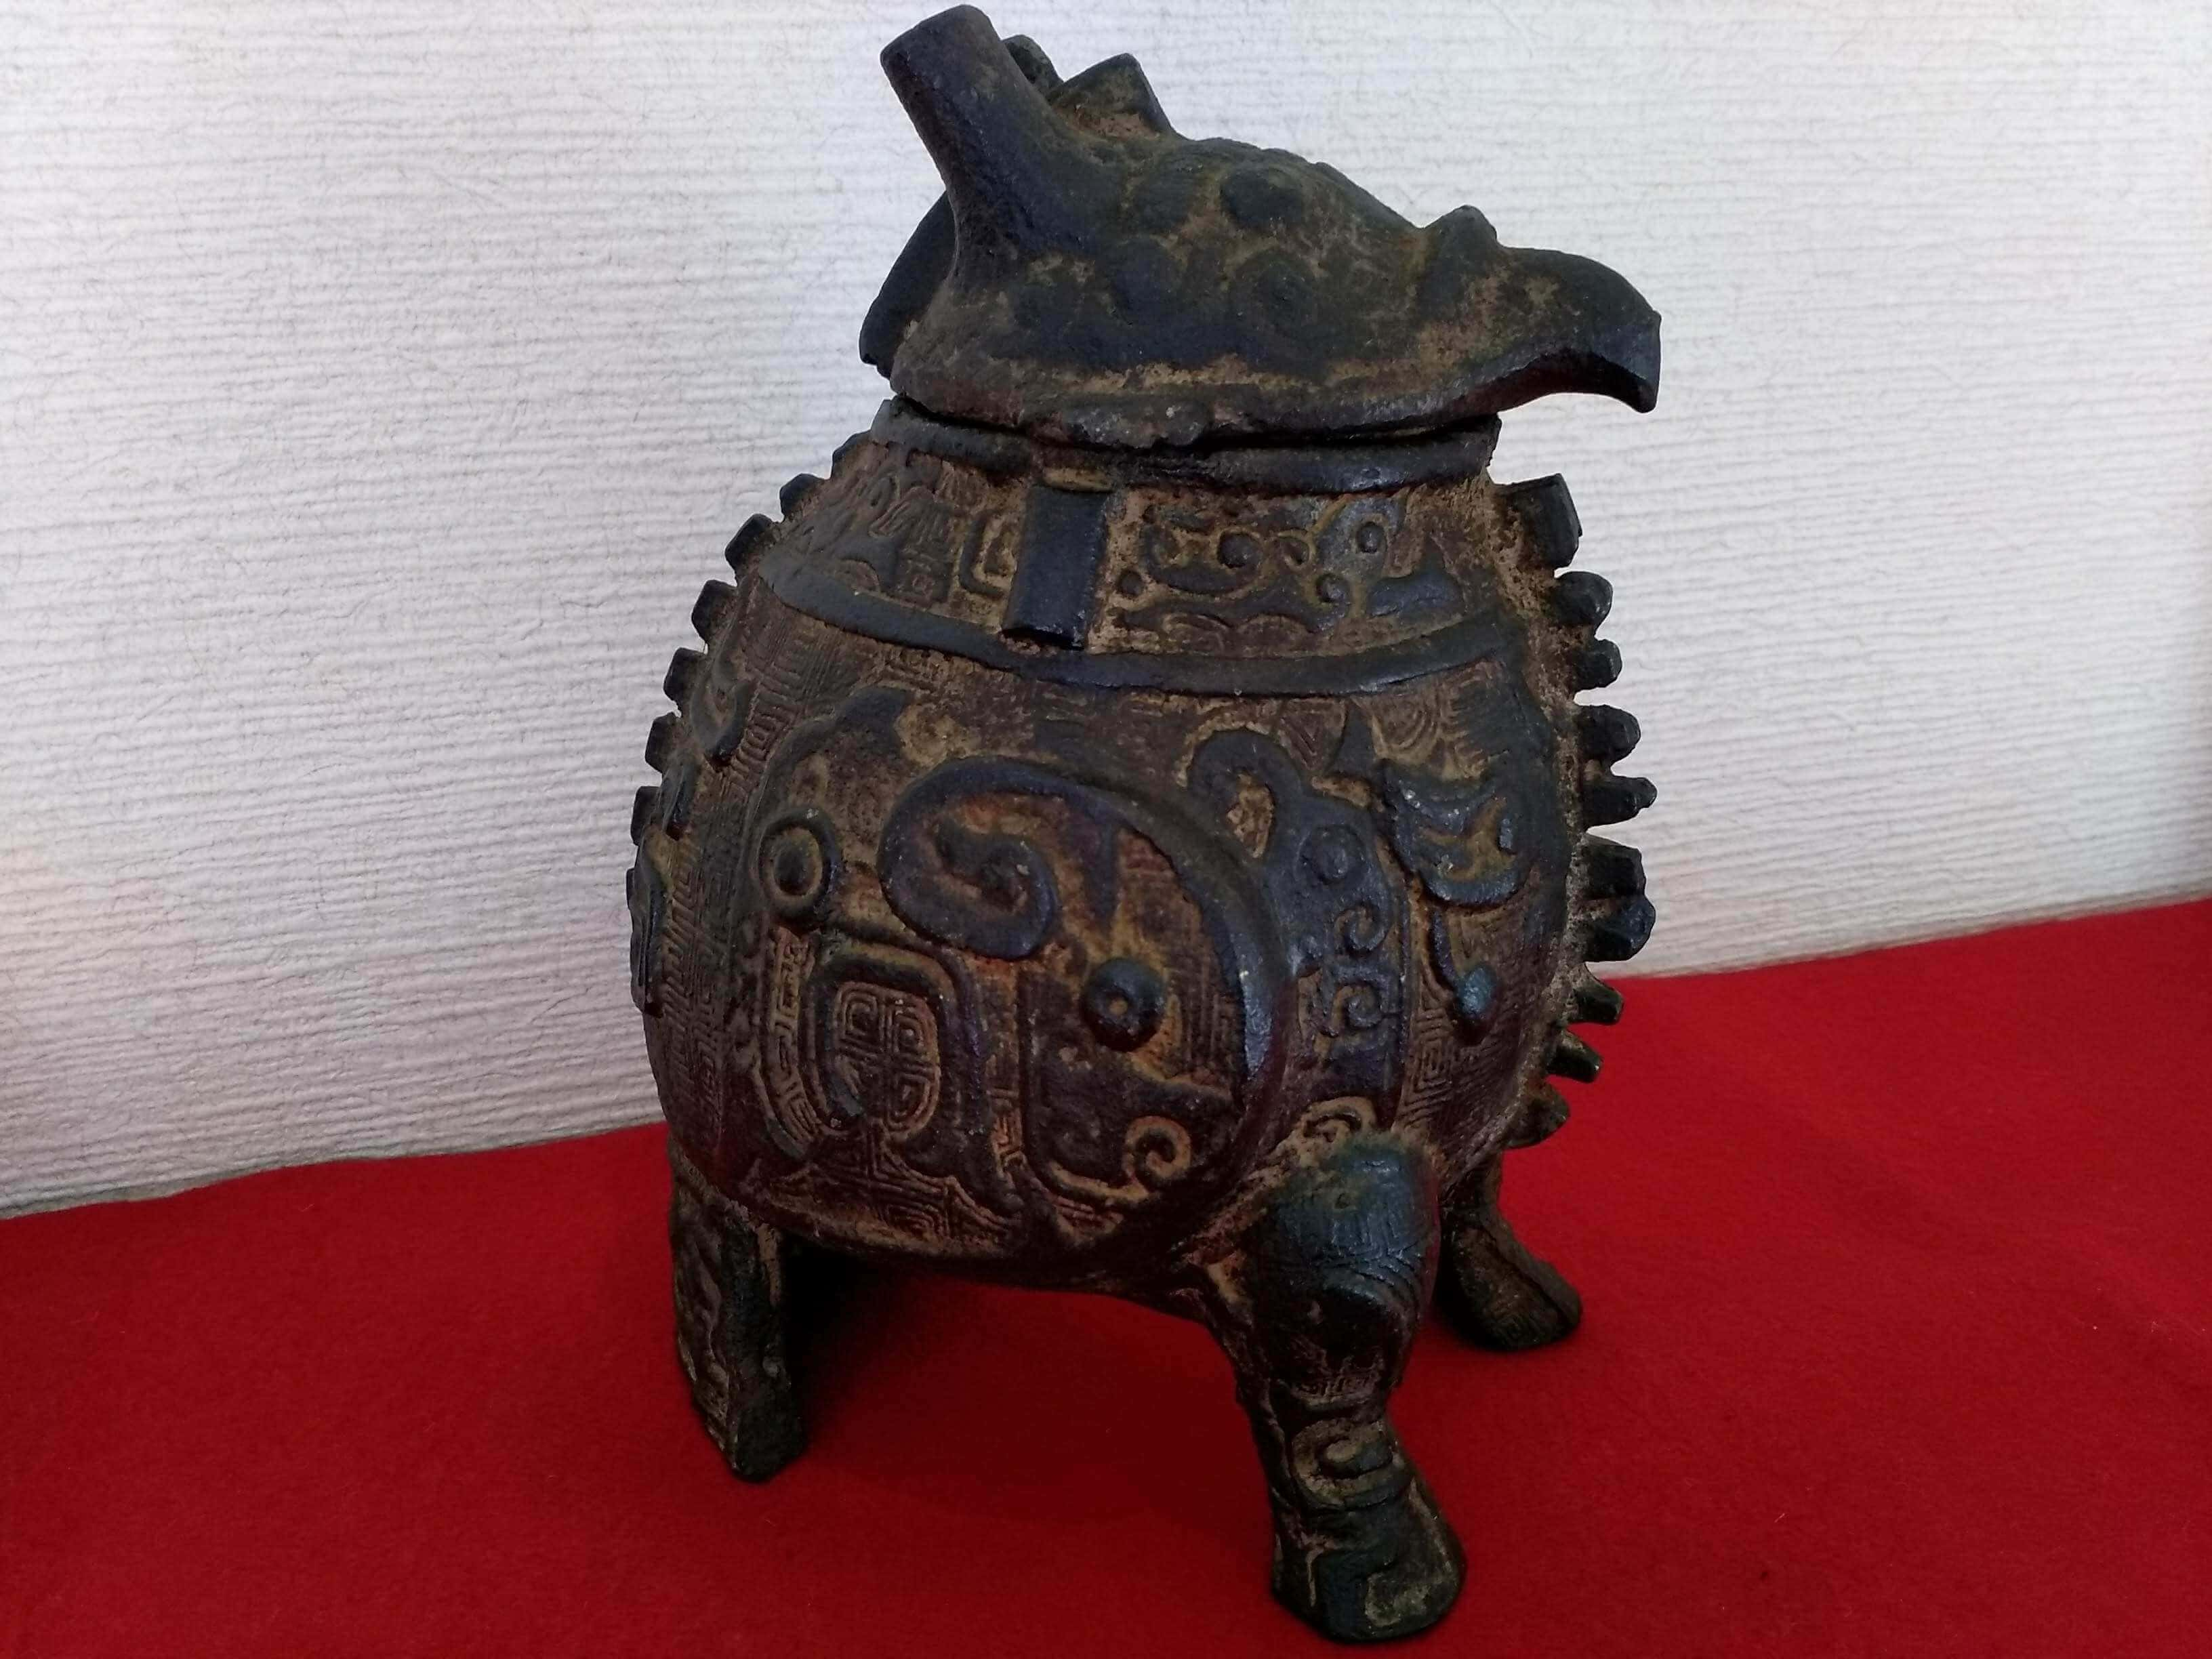 獣型蓋物 古銅器の買取り写真